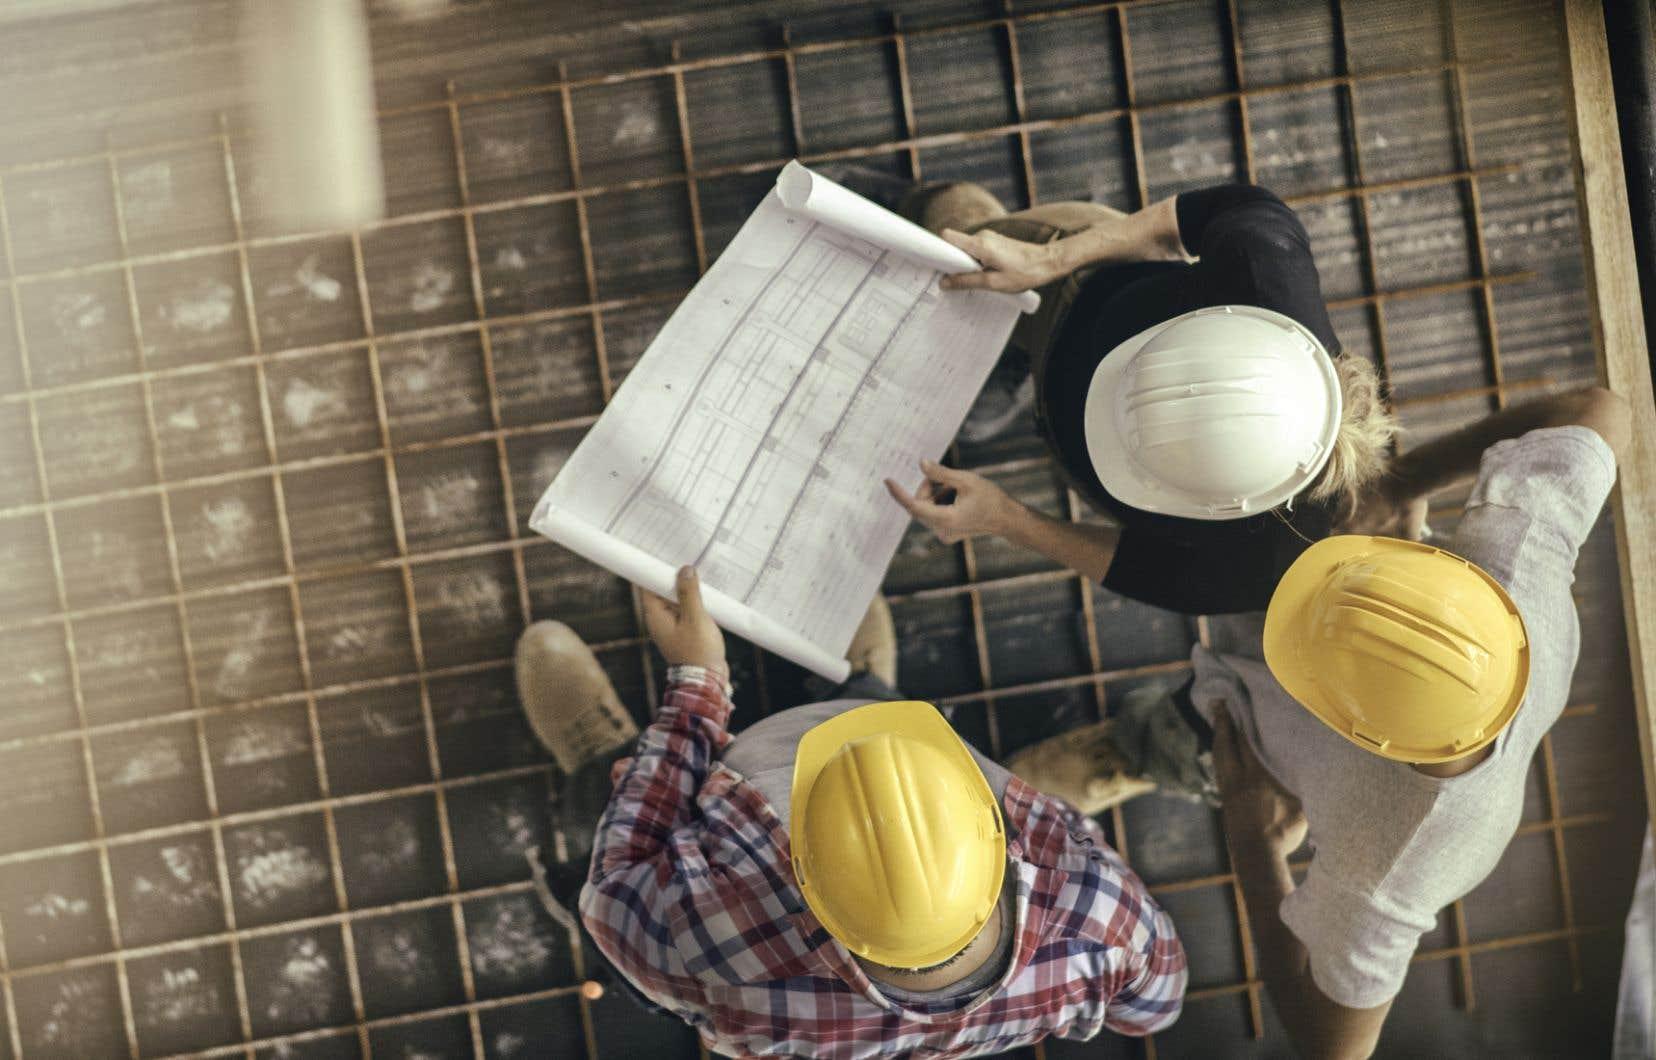 D'ici la fin de l'exercice, la firme d'ingénierie s'attend à gonfler ses revenus de 600 millions.